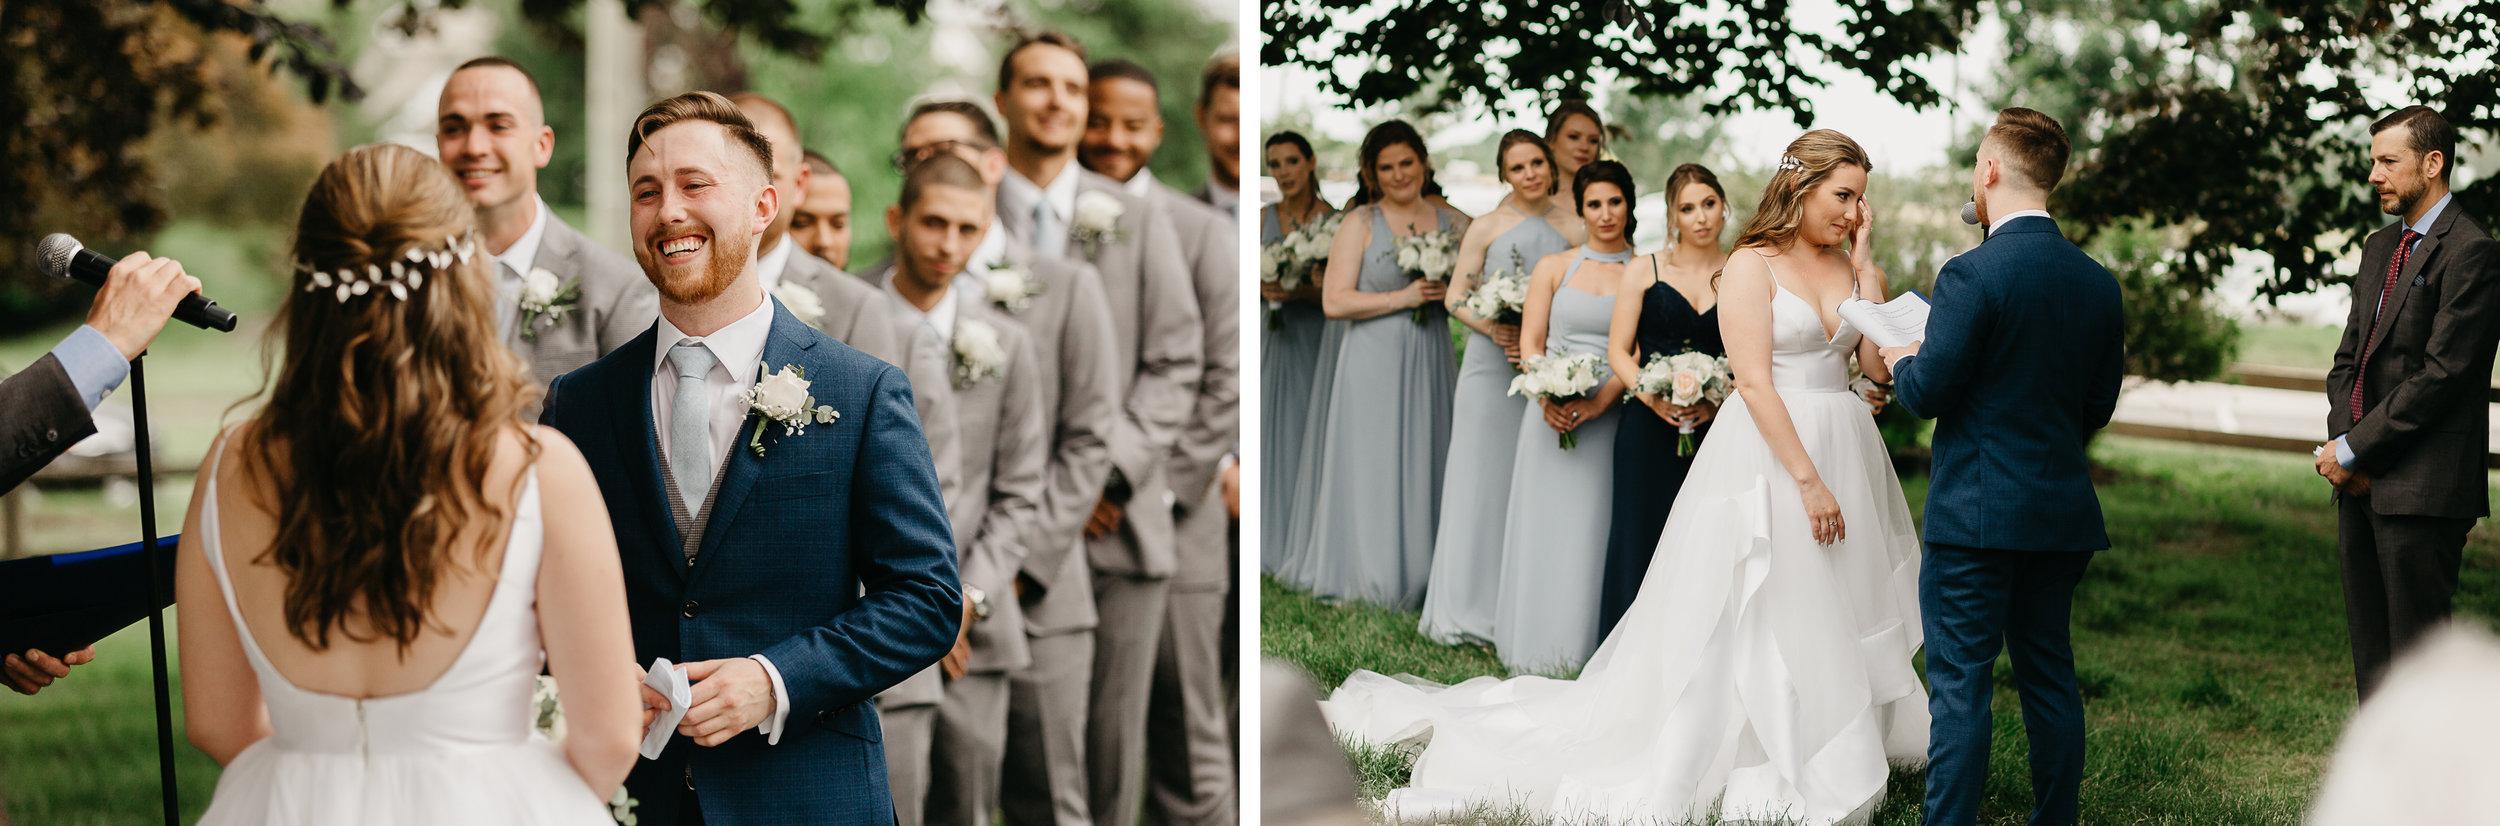 anna szczekutowicz austin wedding photographer-25.jpg